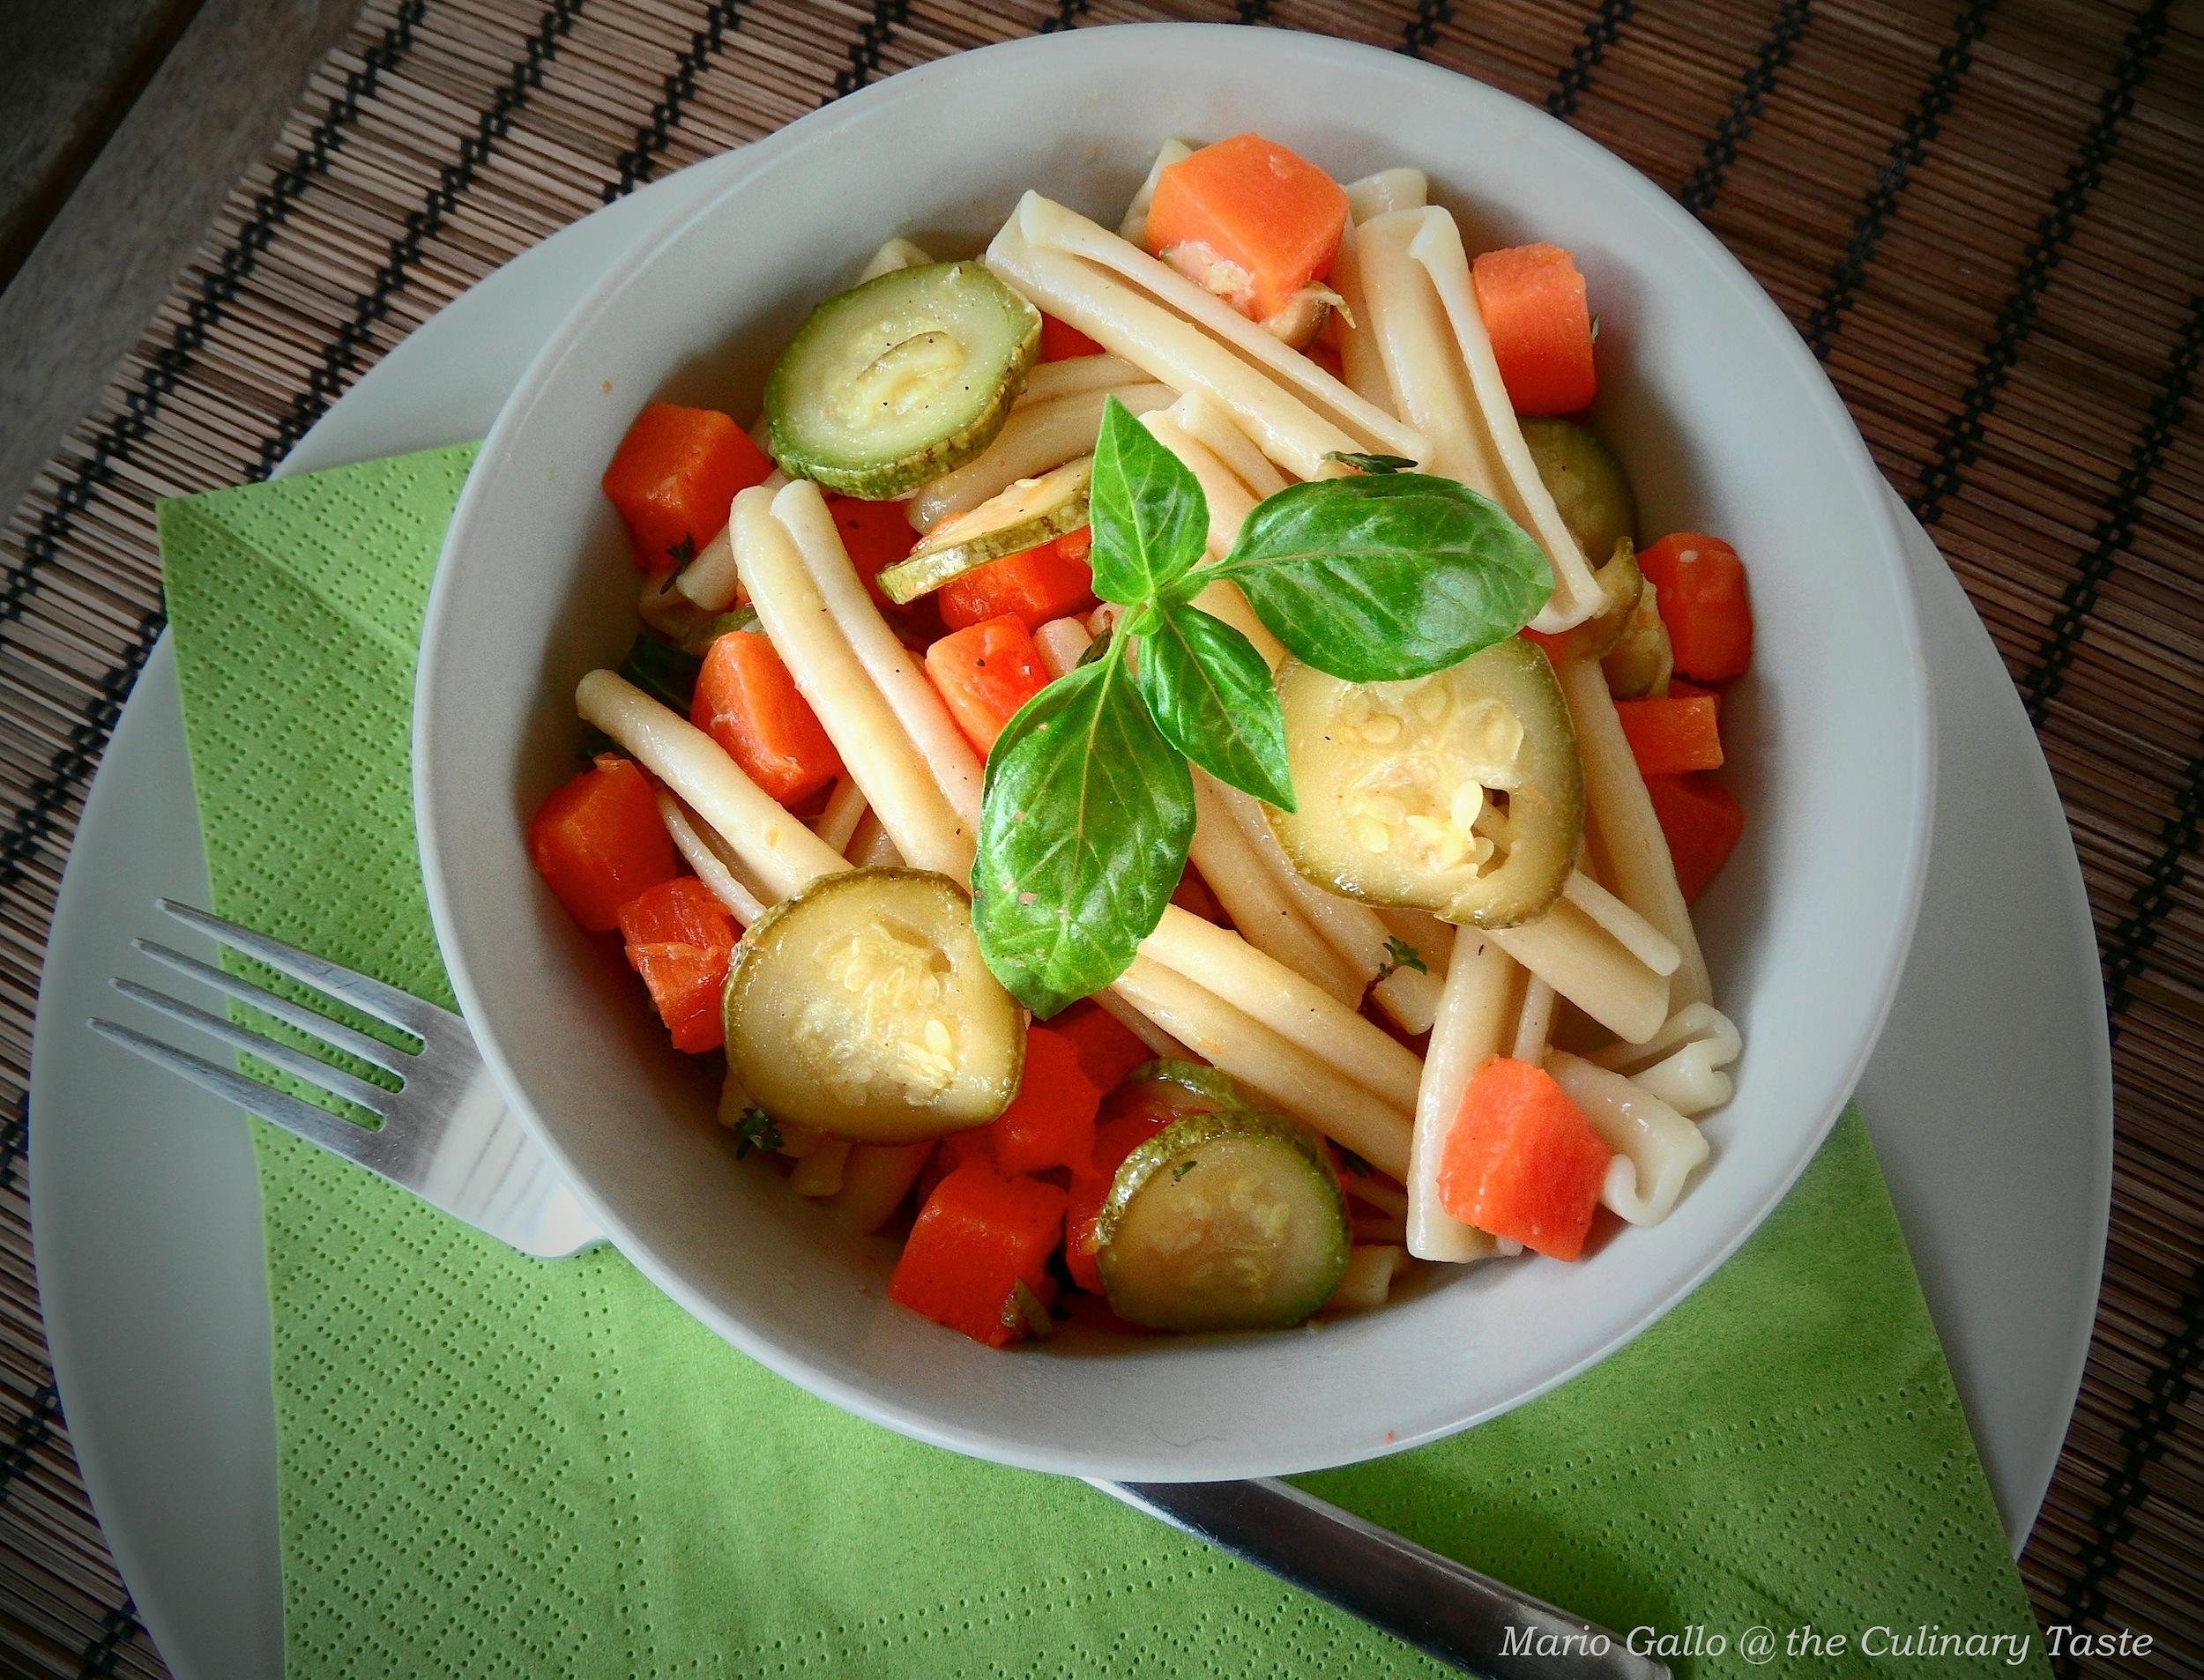 Squash and Zucchini Casarecce